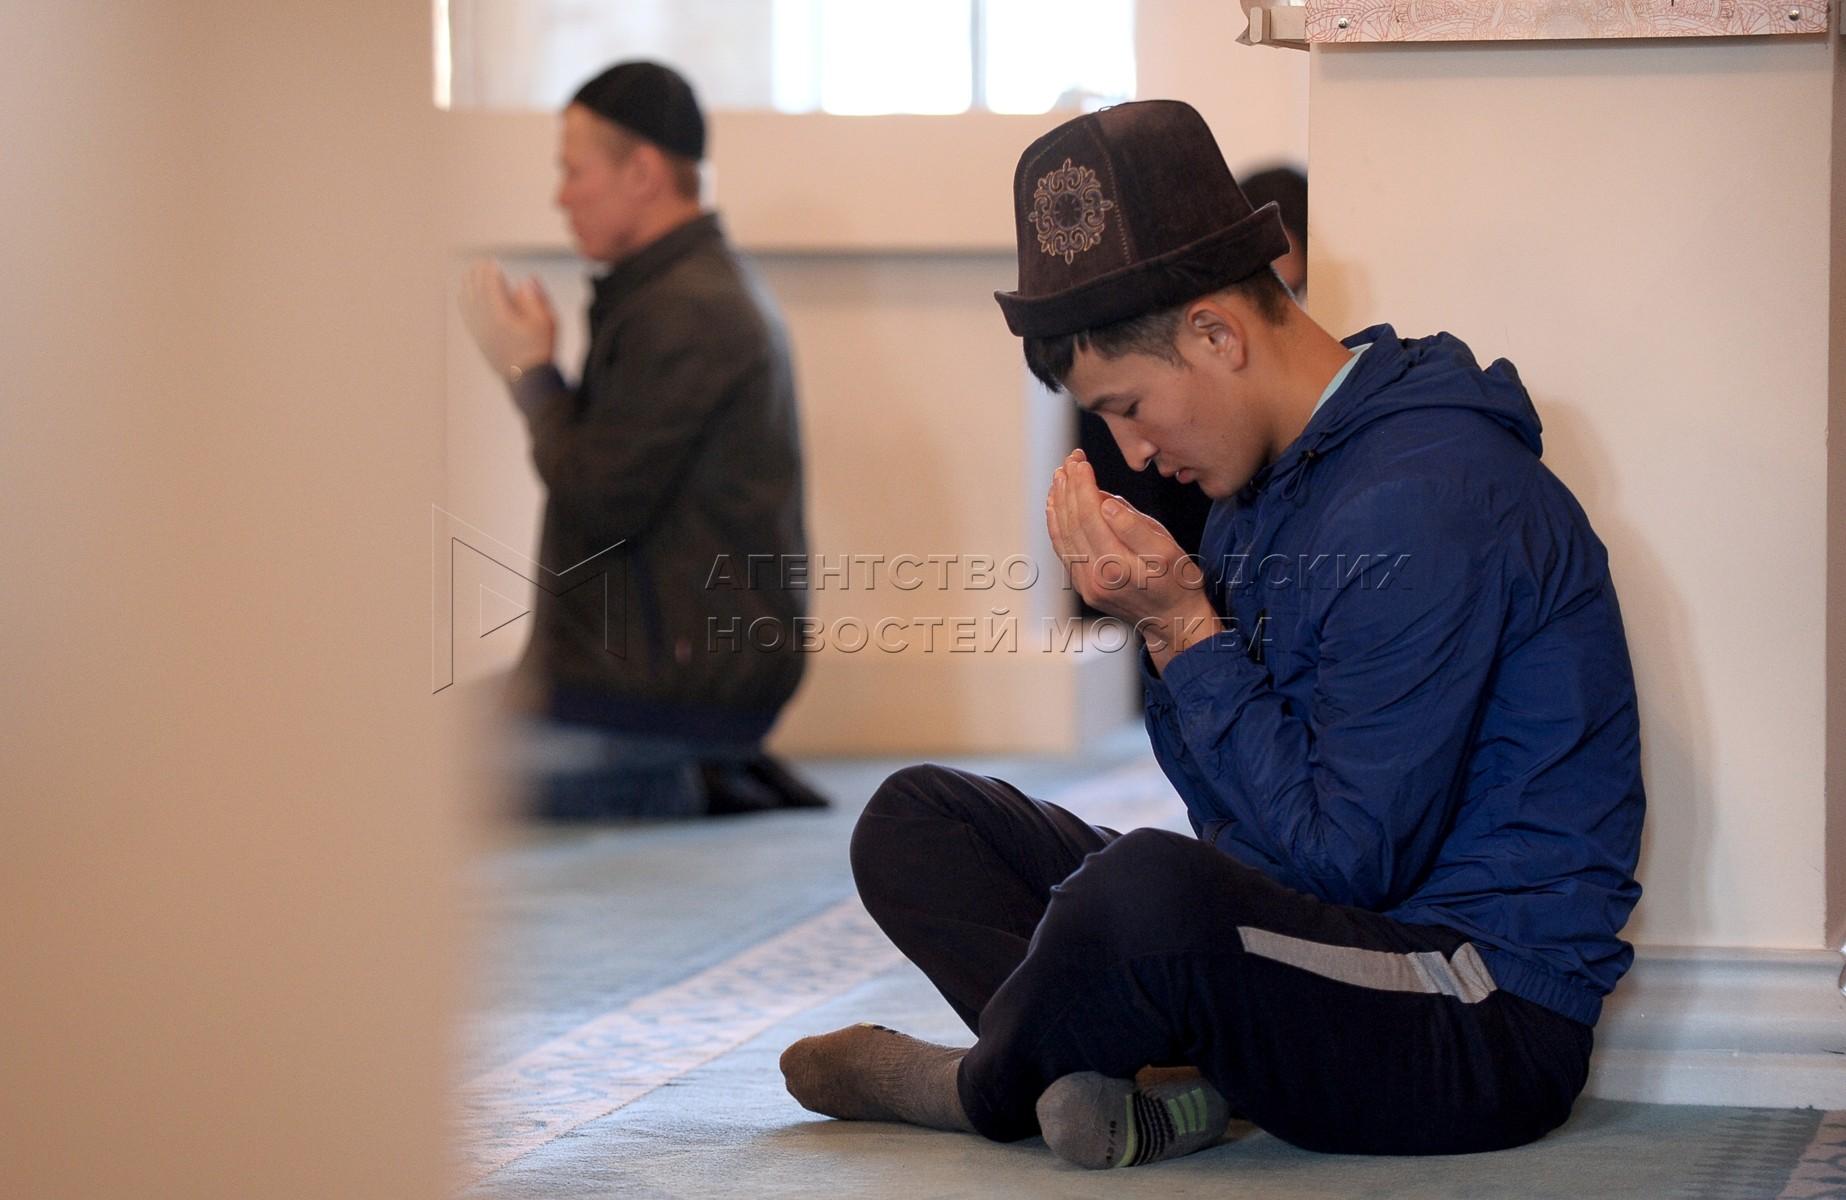 Автор: Авилов Александр. Торжественное богослужение в честь праздника Курбан-байрам в Москве